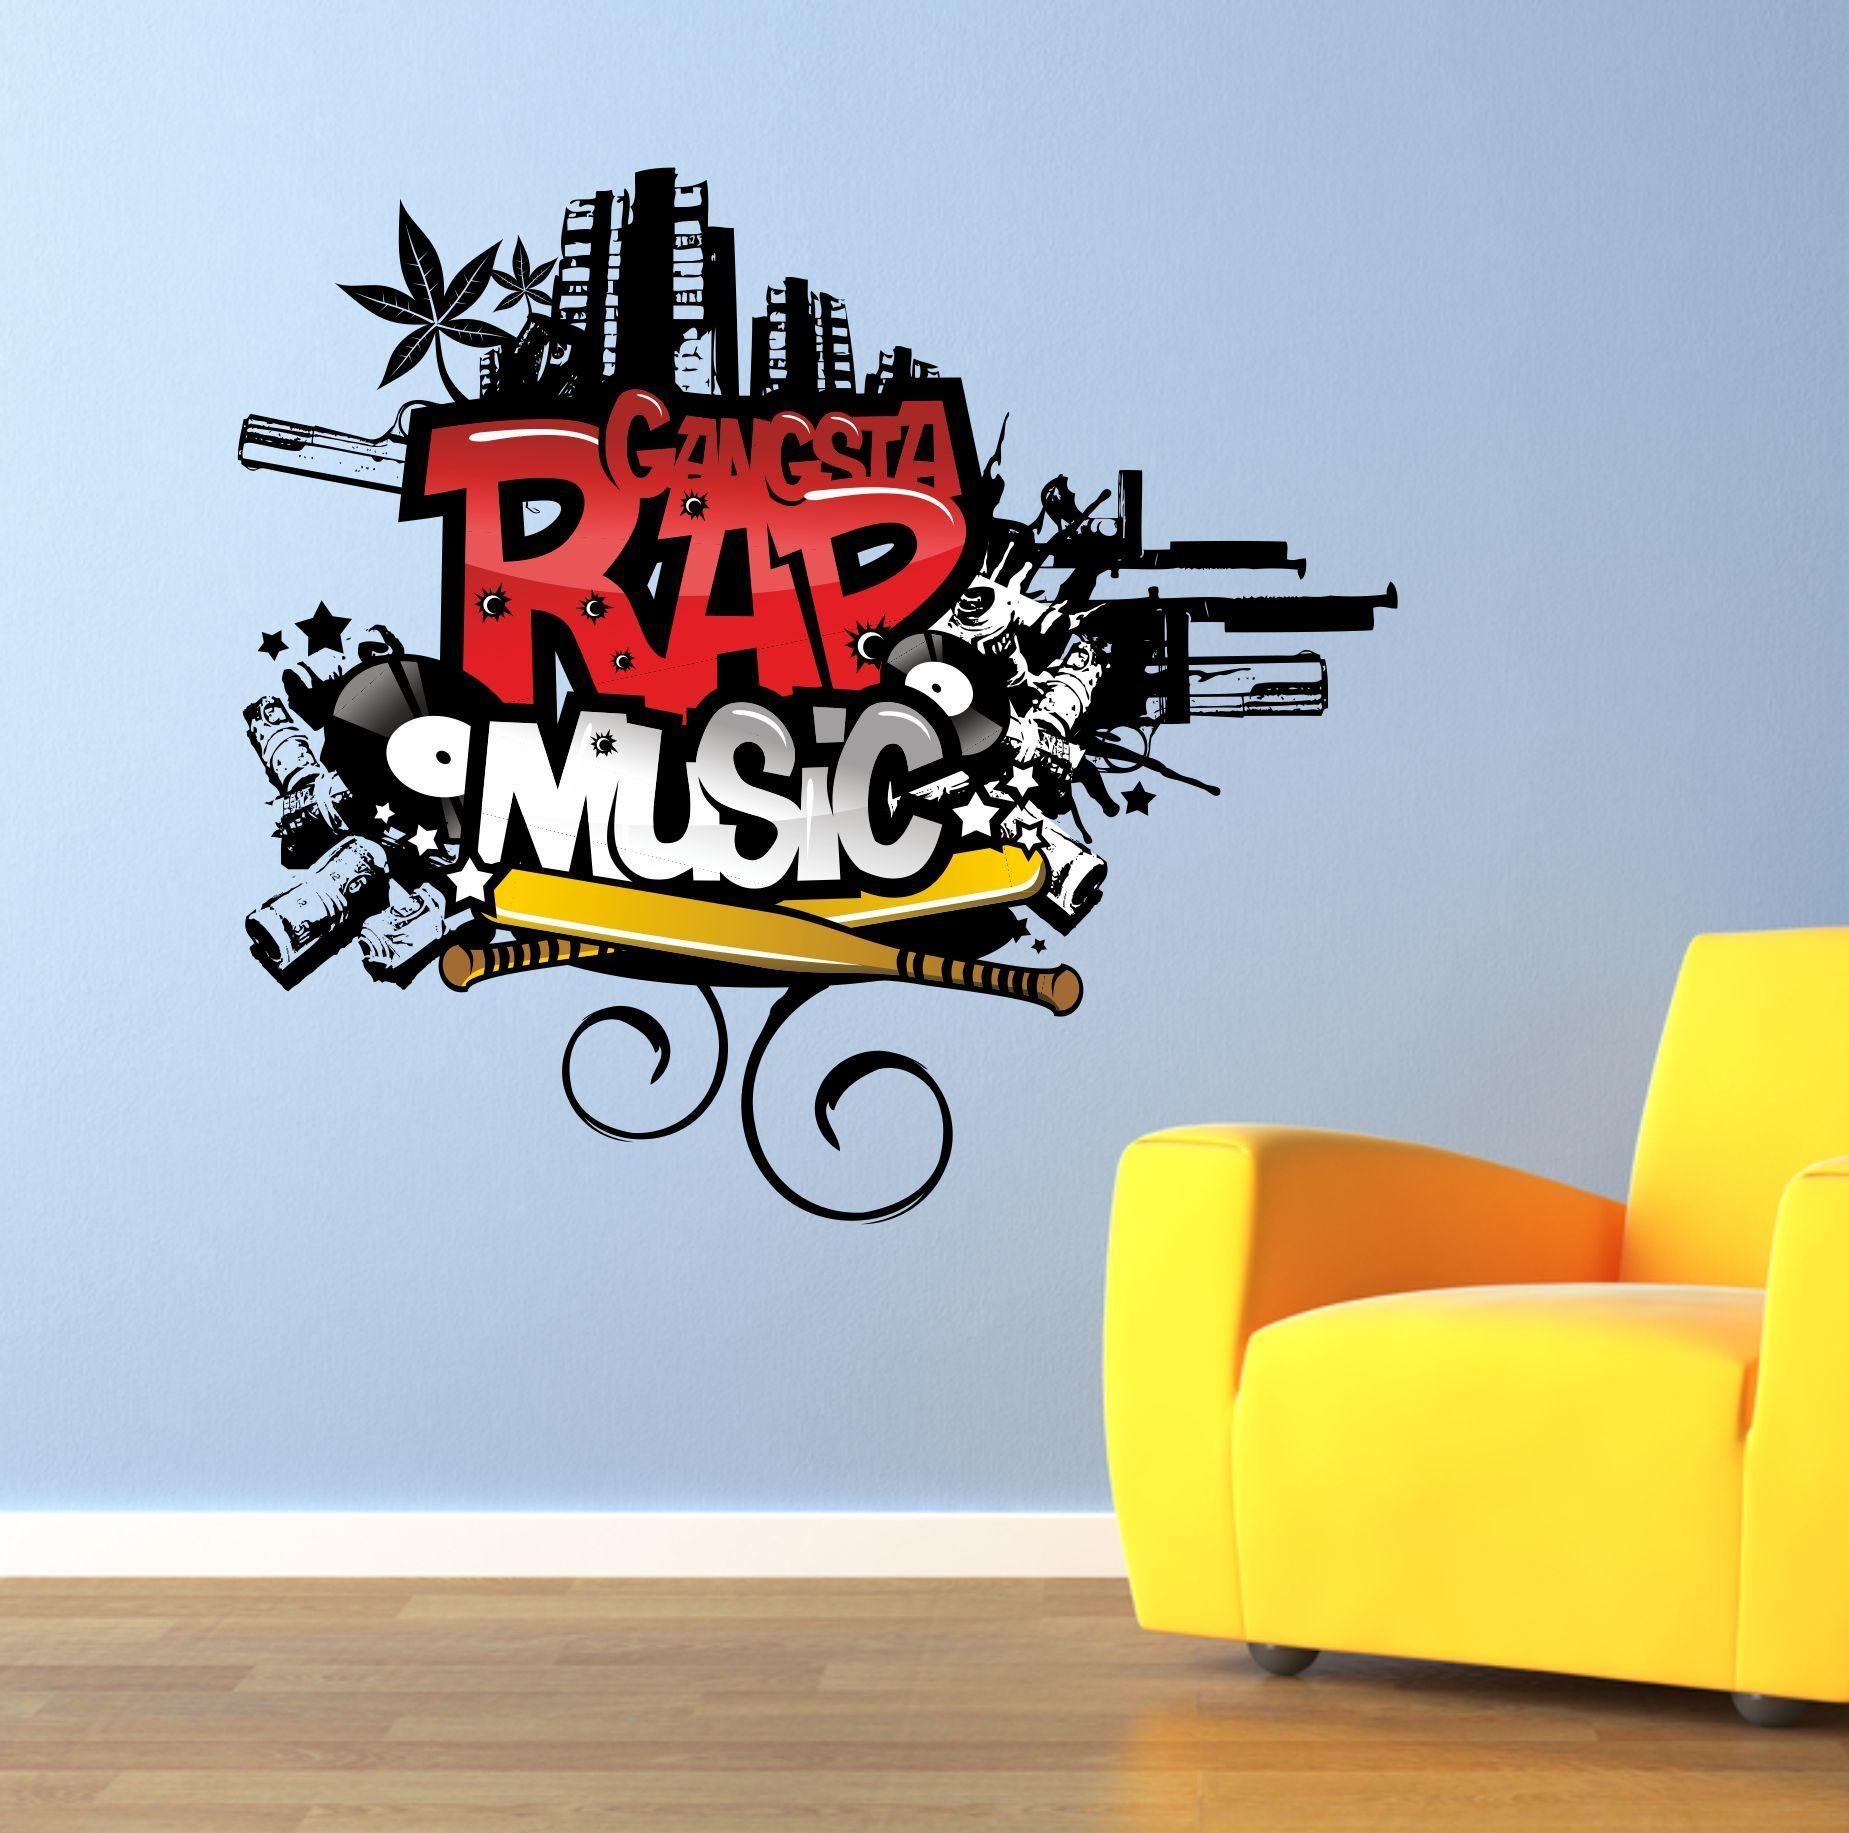 The Grafix Studio   Gangsta Rap Music Graffiti Wall Art Sticker With Graffiti Wall Art Stickers (Image 17 of 20)